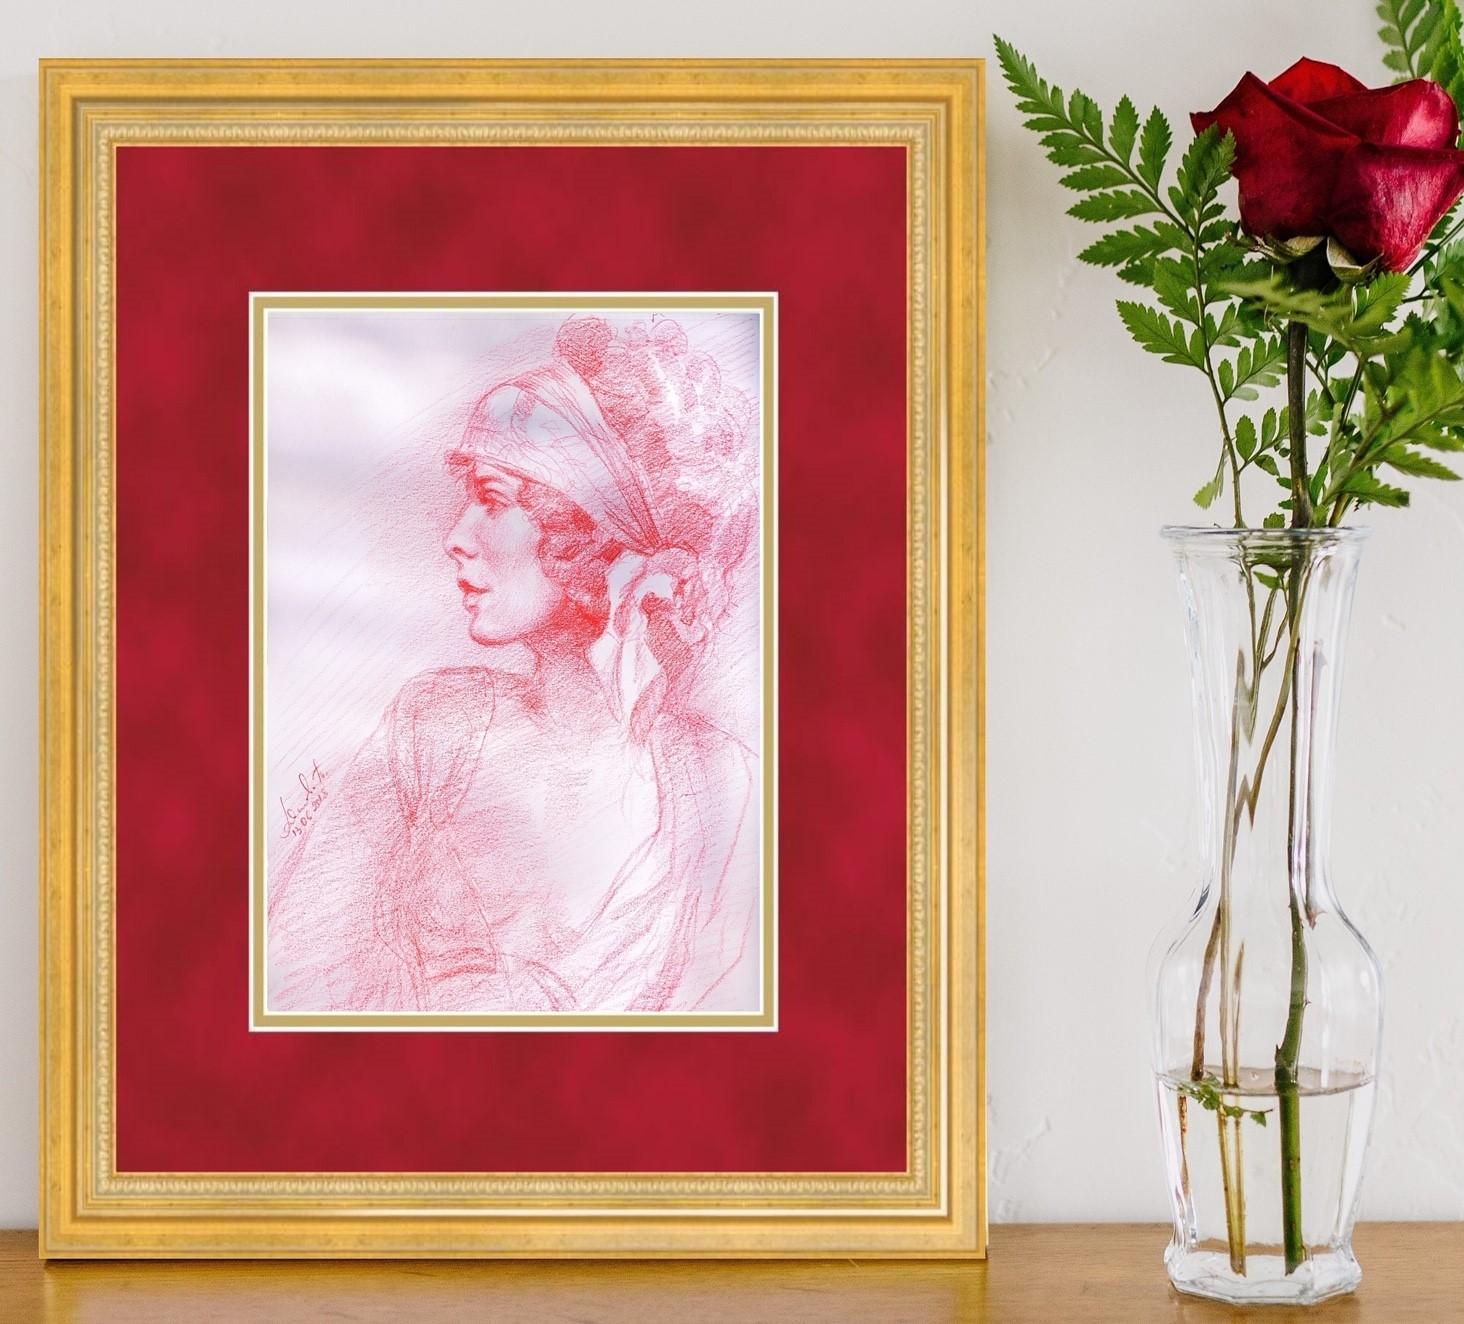 artwork in frame